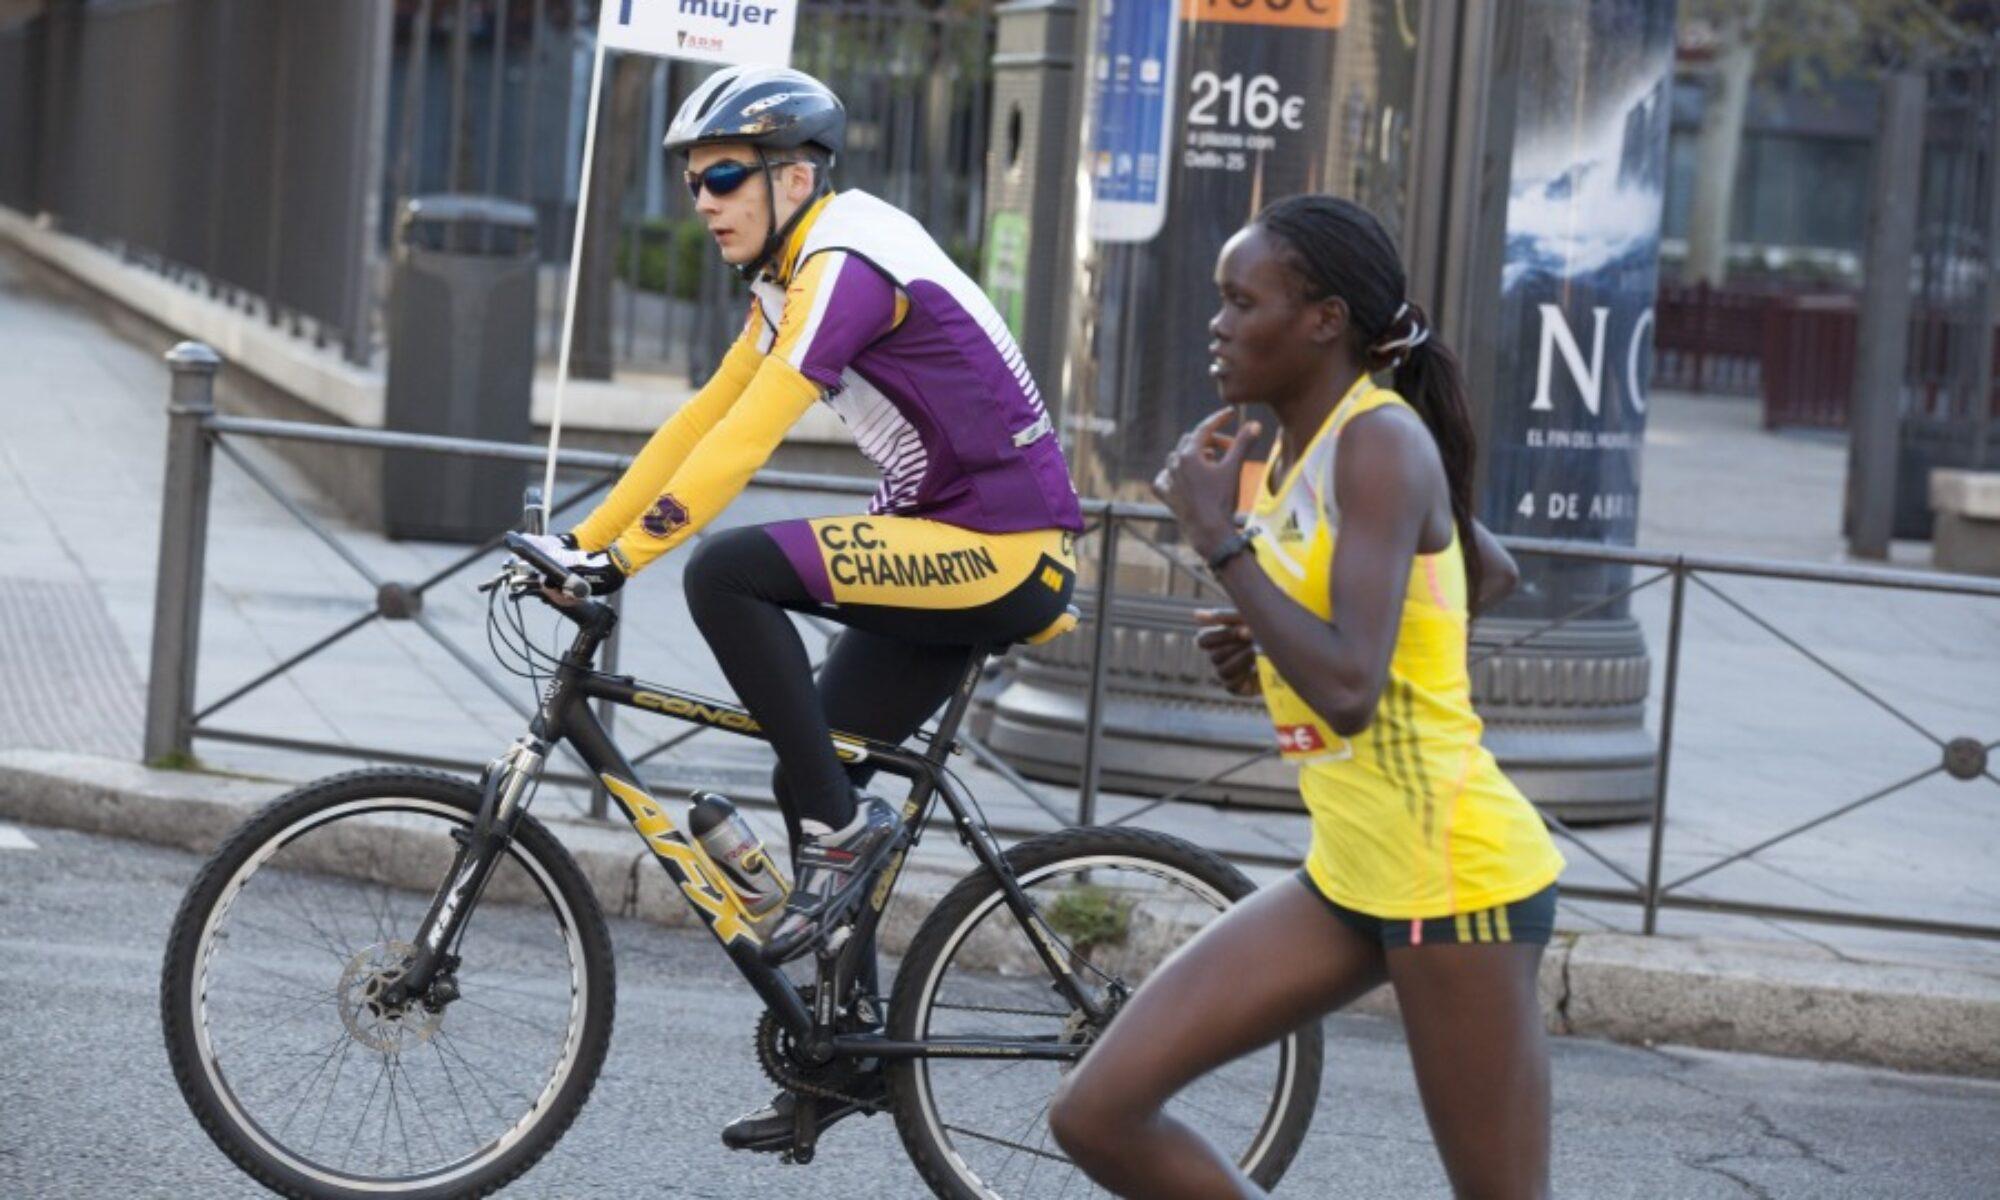 Club Ciclista Chamartín